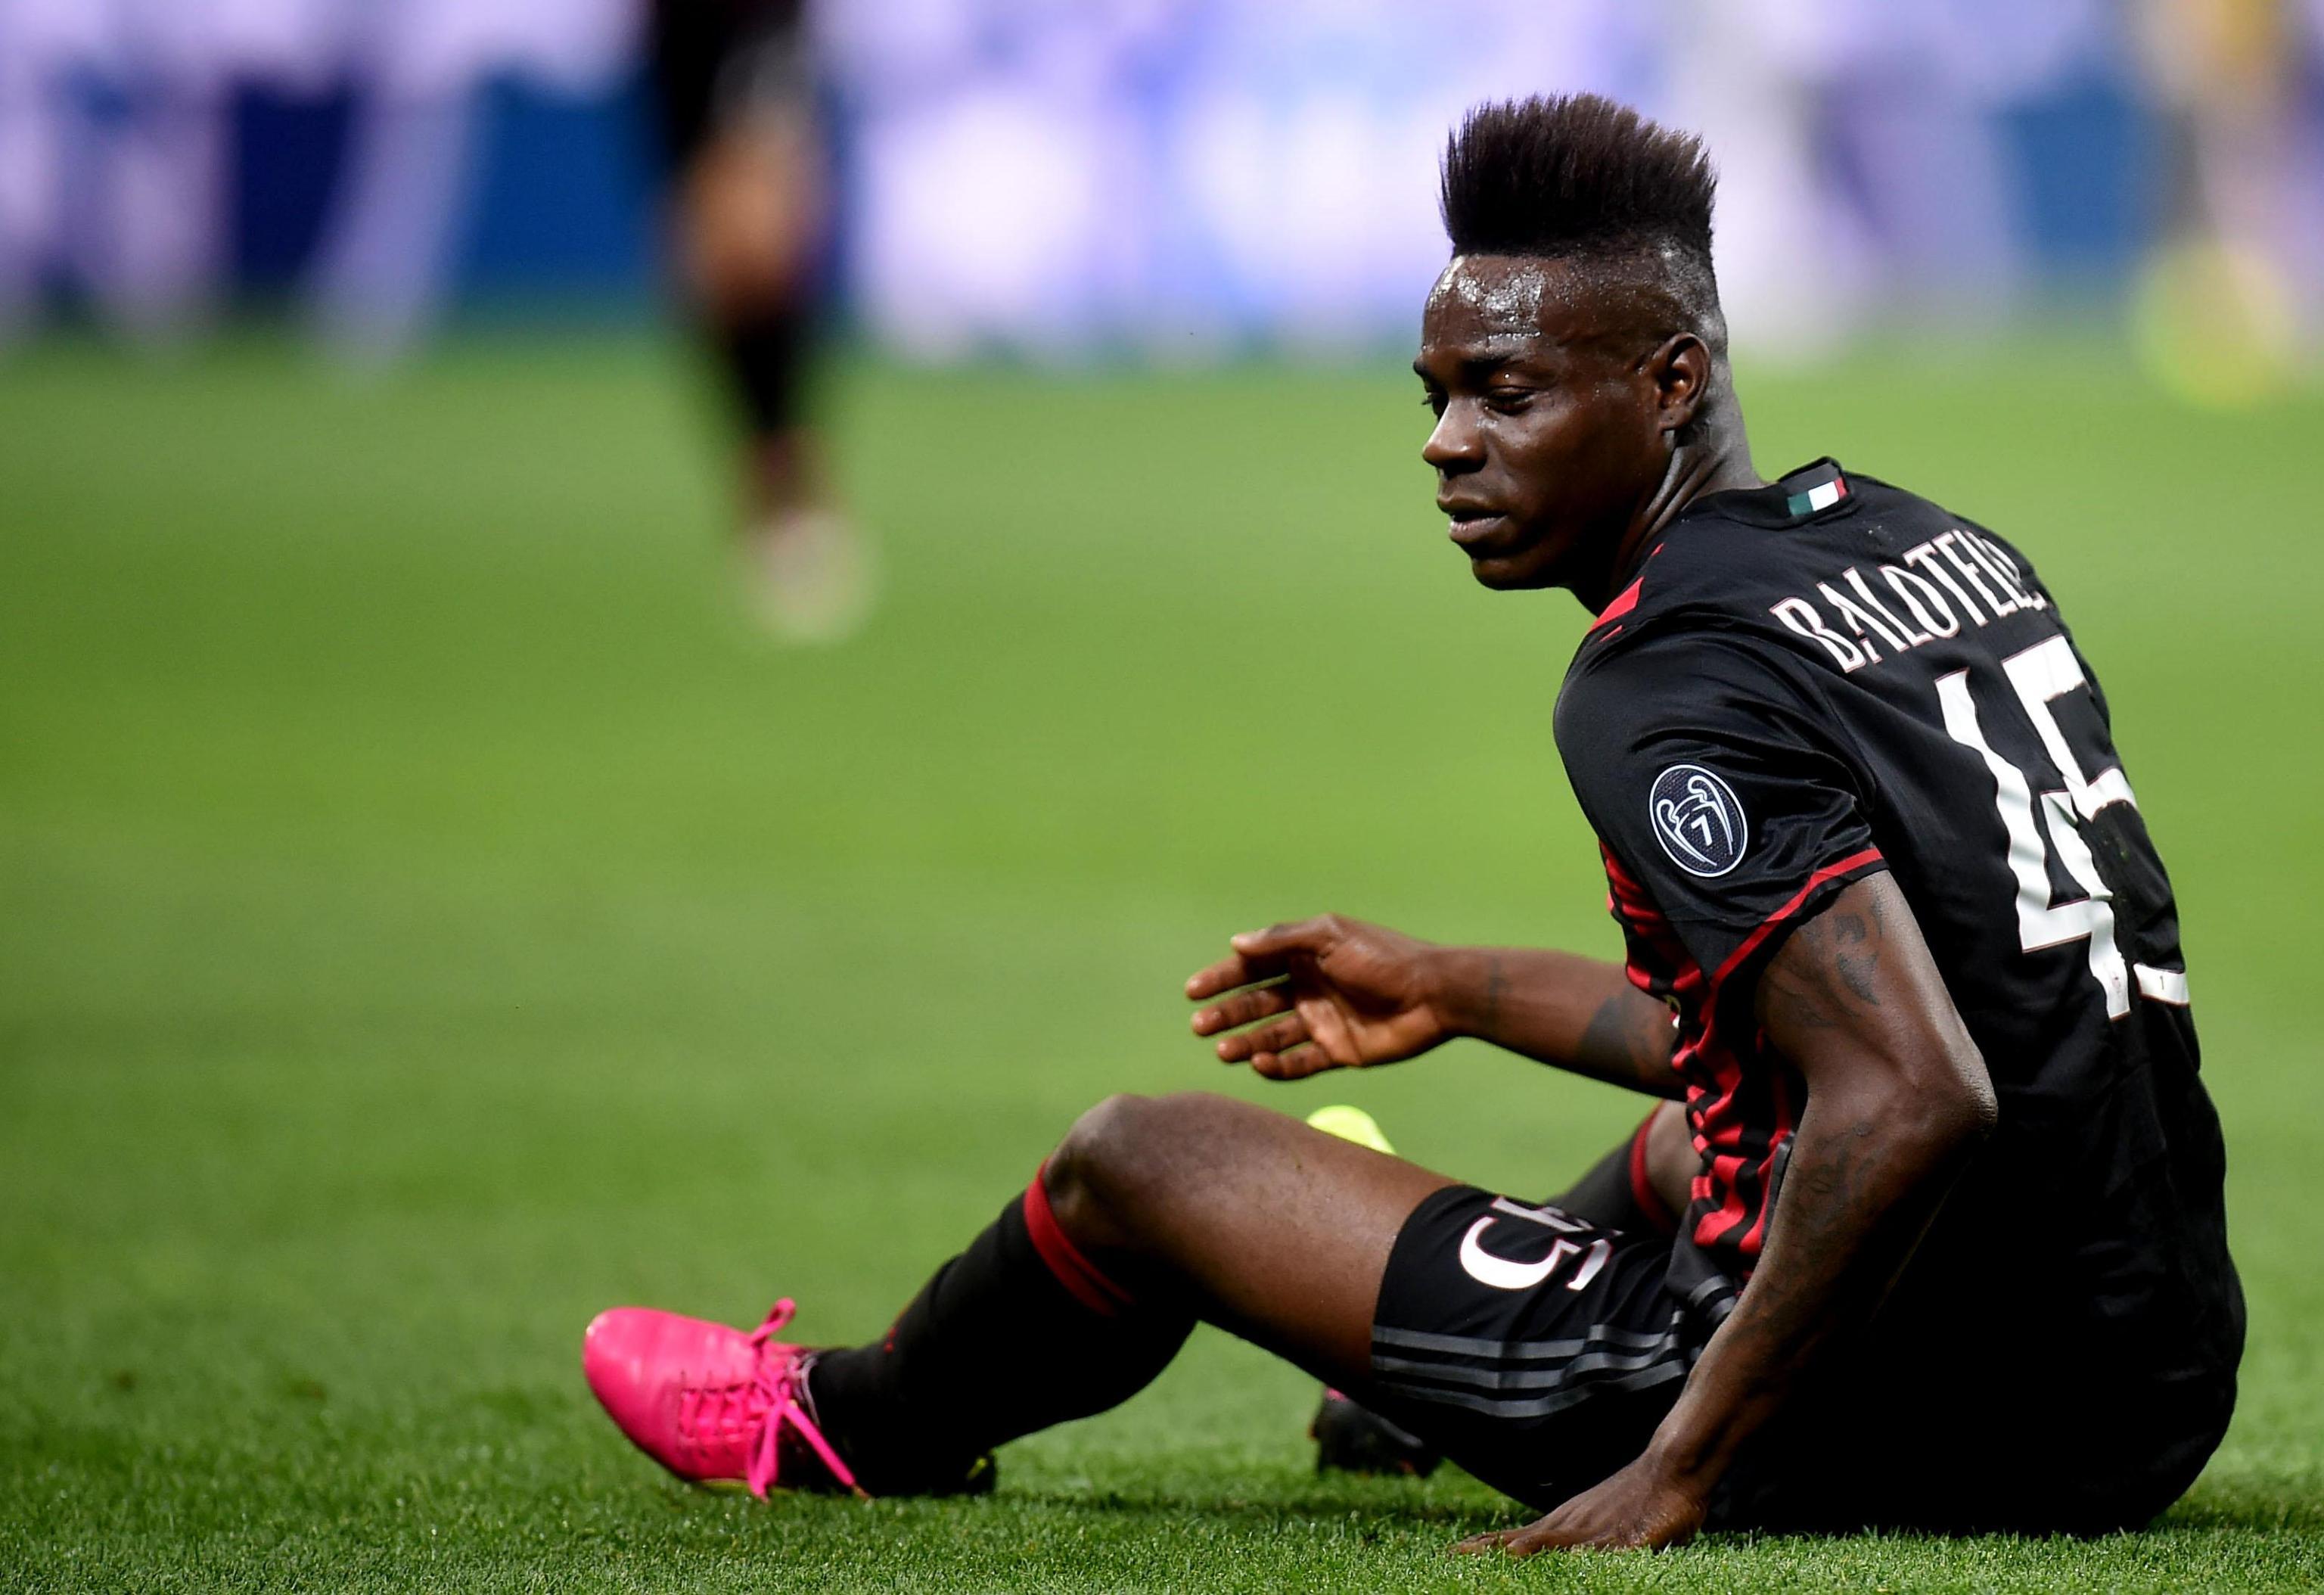 Napoli, il calciatore Balotelli denunziato per istigazione a delinquere ed esercizio di gioco d'azzardo